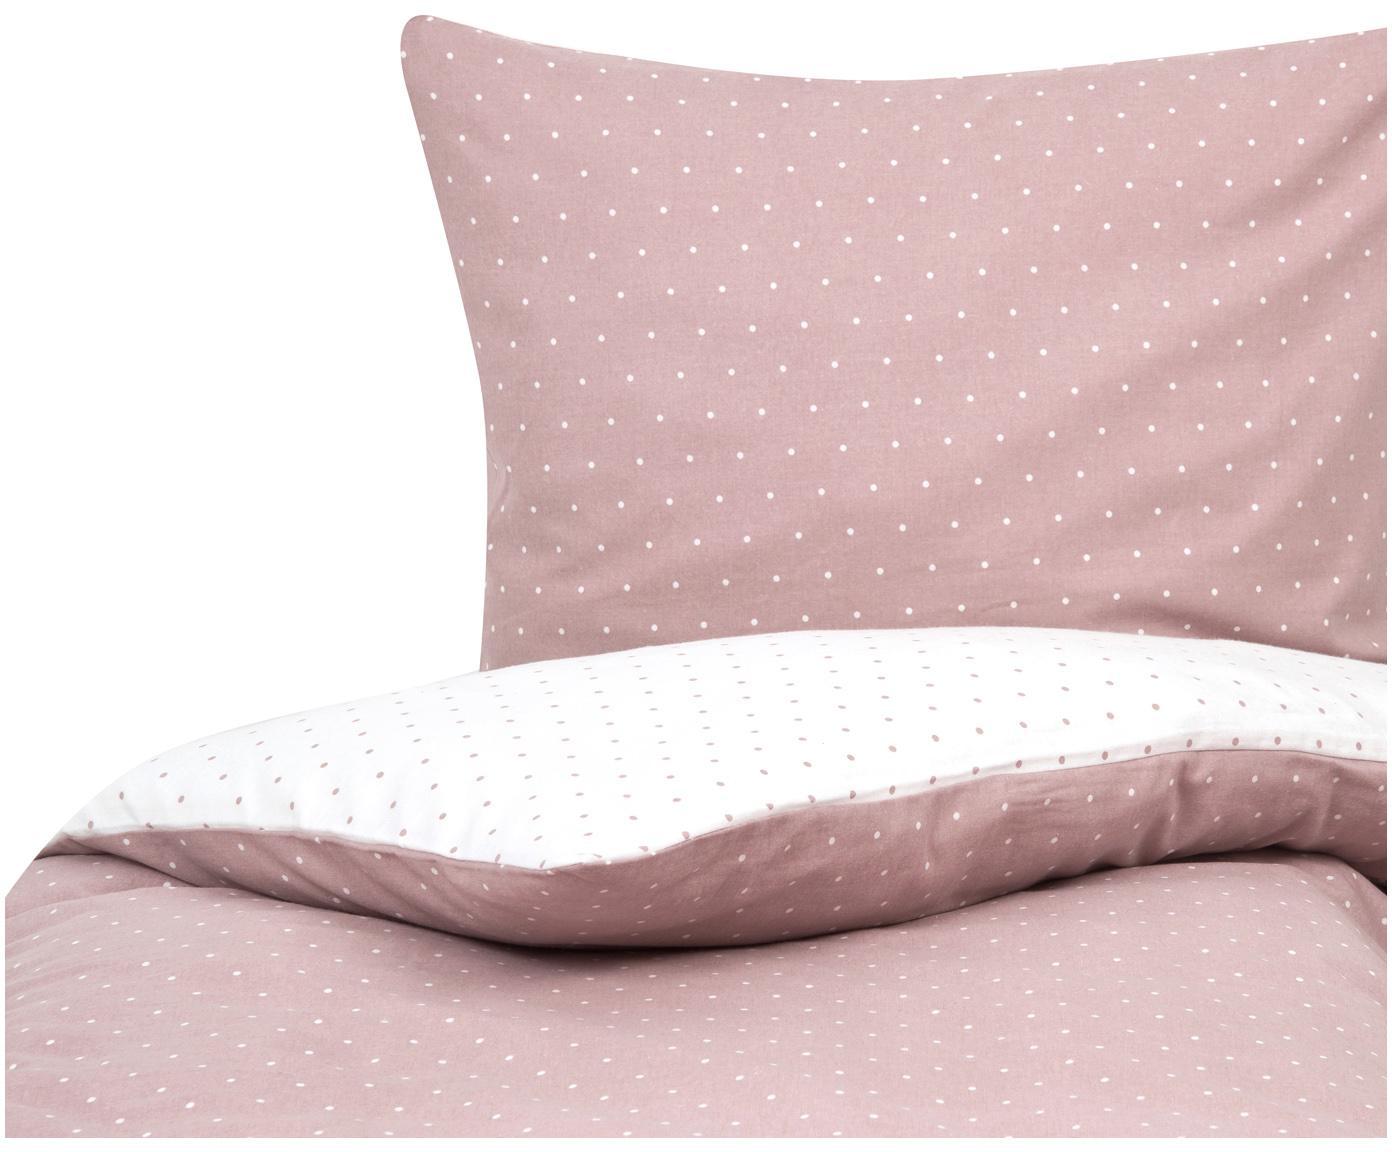 Flanell-Wendebettwäsche Betty, gepunktet, Webart: Flanell Flanell ist ein s, Altrosa, Weiß, 155 x 220 cm + 1 Kissen 80 x 80 cm